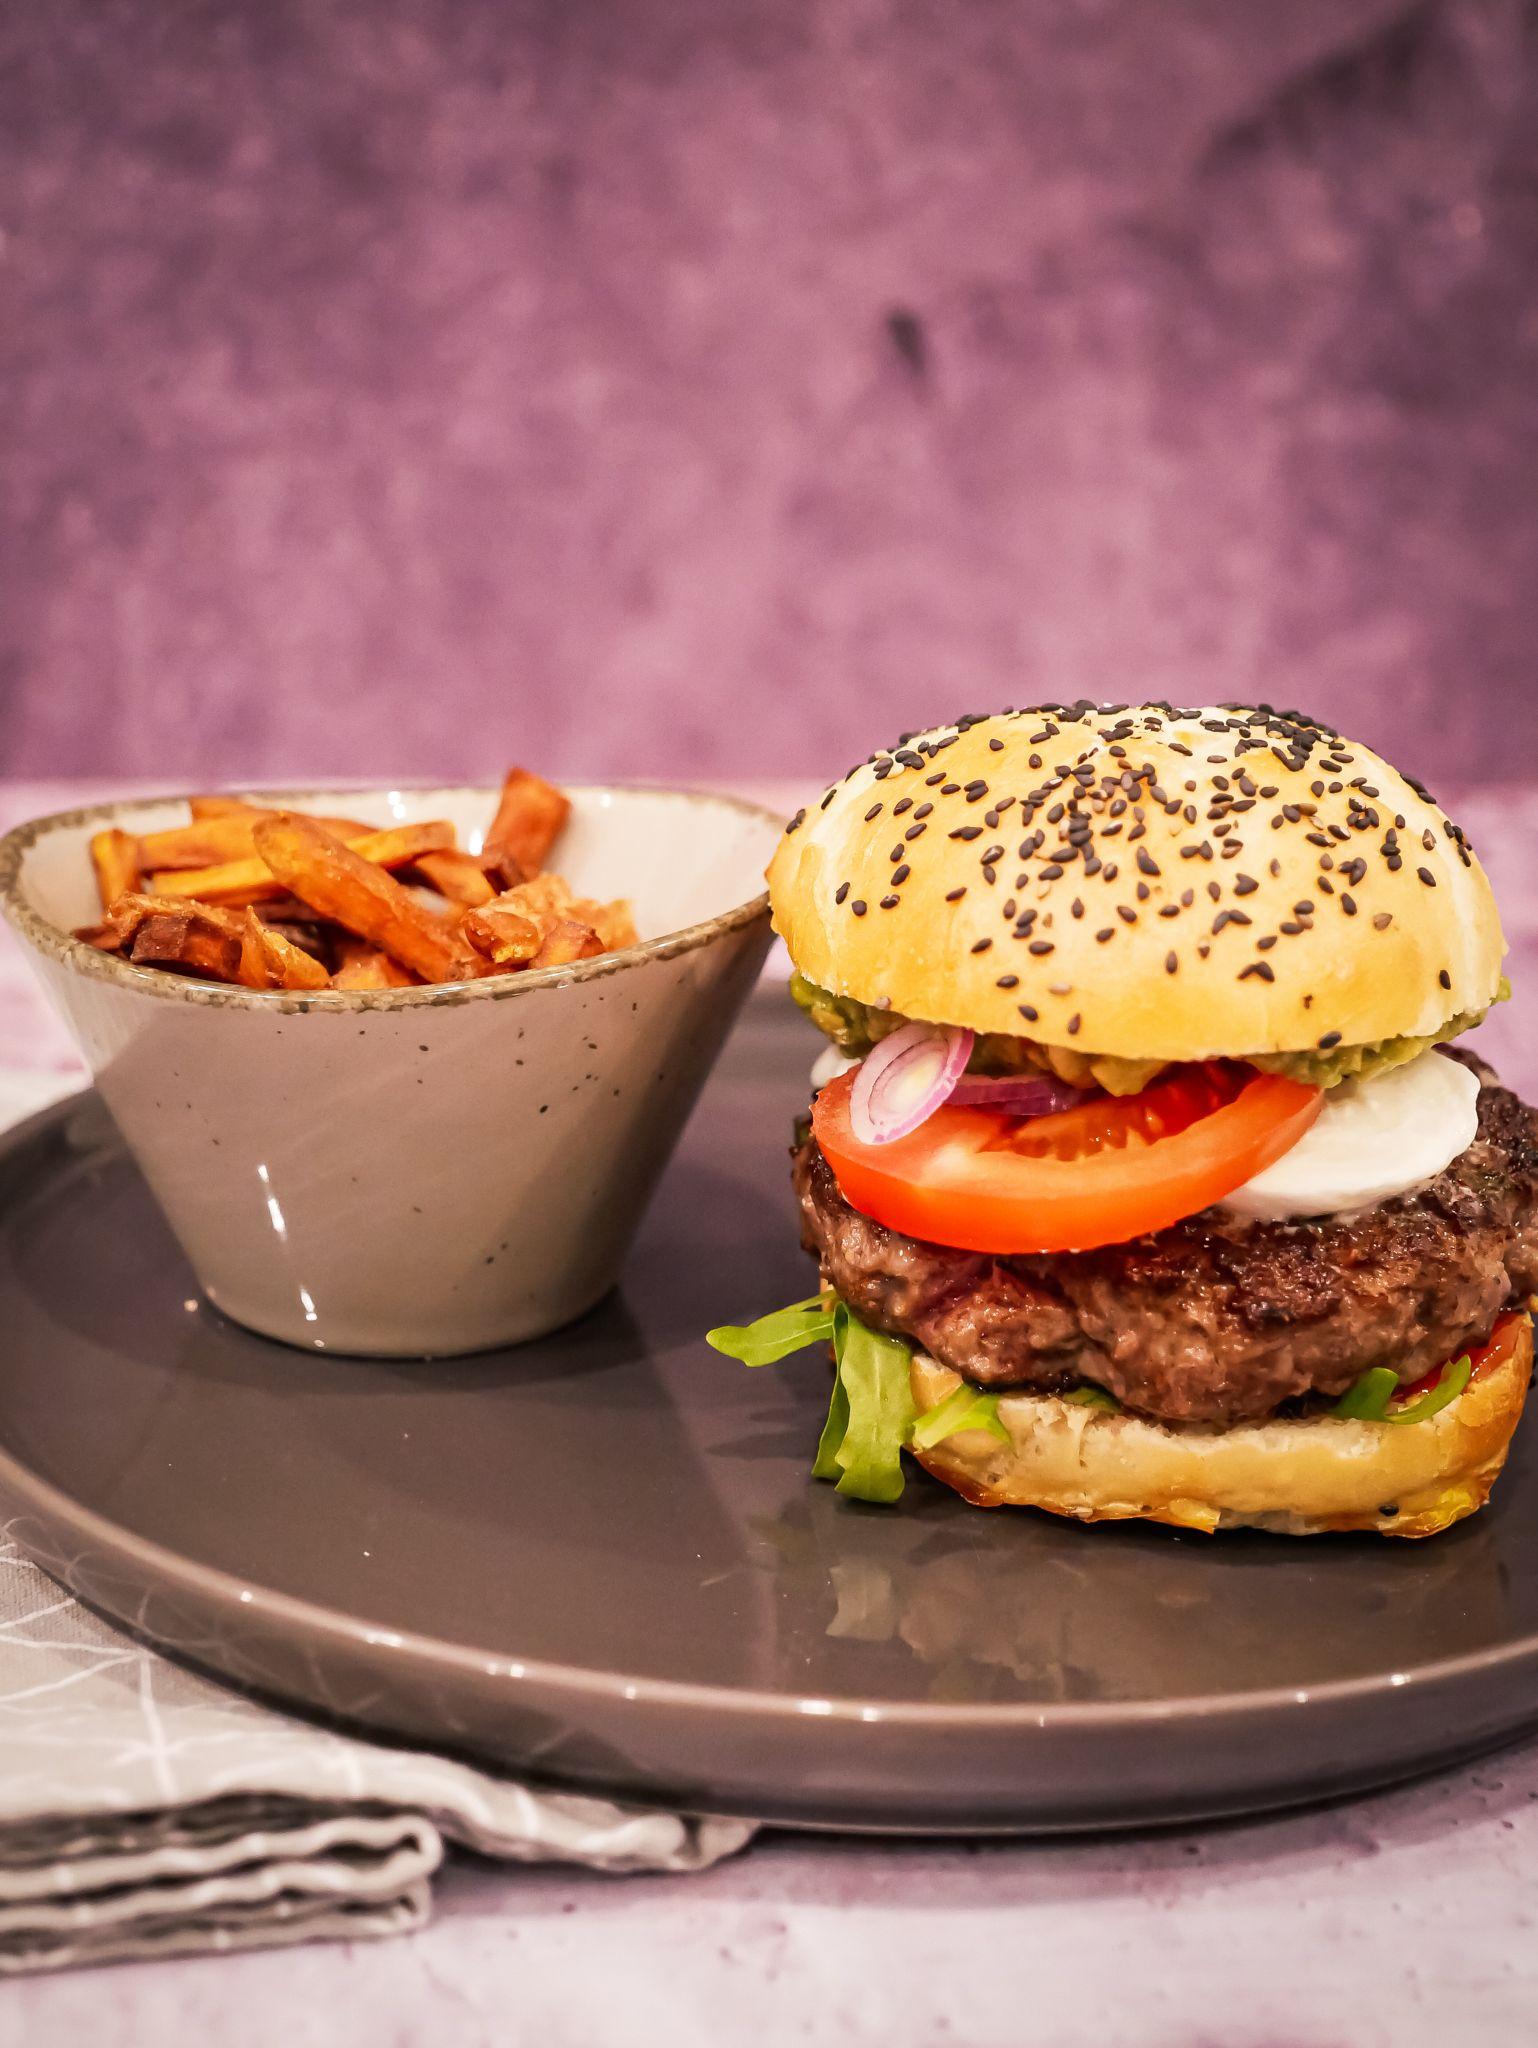 Cheeseburger Bauchgefuehl Rezepte De Rezept Hauptspeise Cheeseburger Cheese Burger